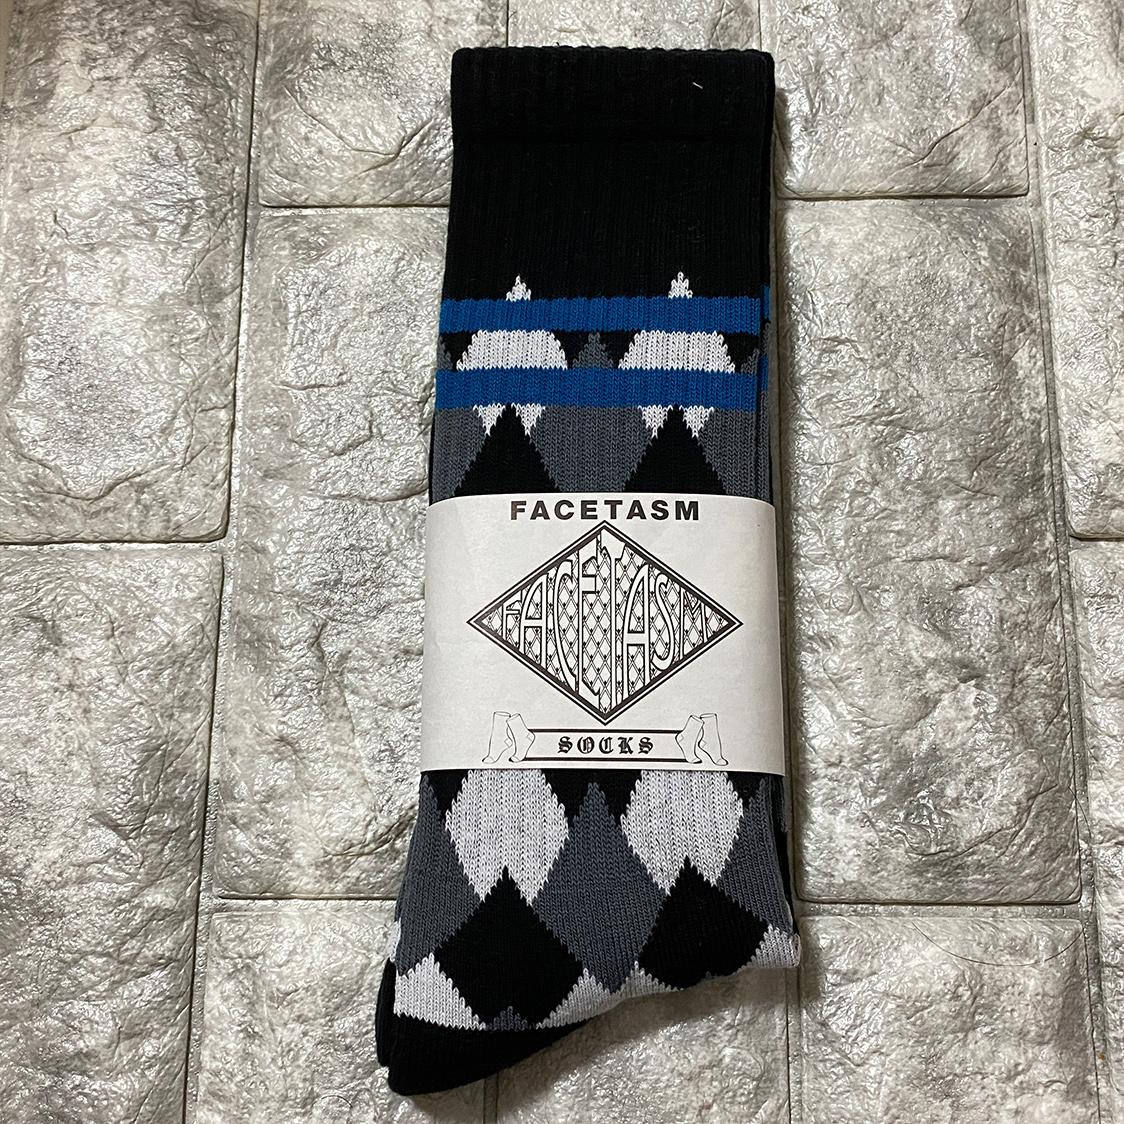 新品 FACETASM ファセッタズム 靴下 ハイソックス LOGO SOCKS ロゴ フリーサイズ メンズ ブルー